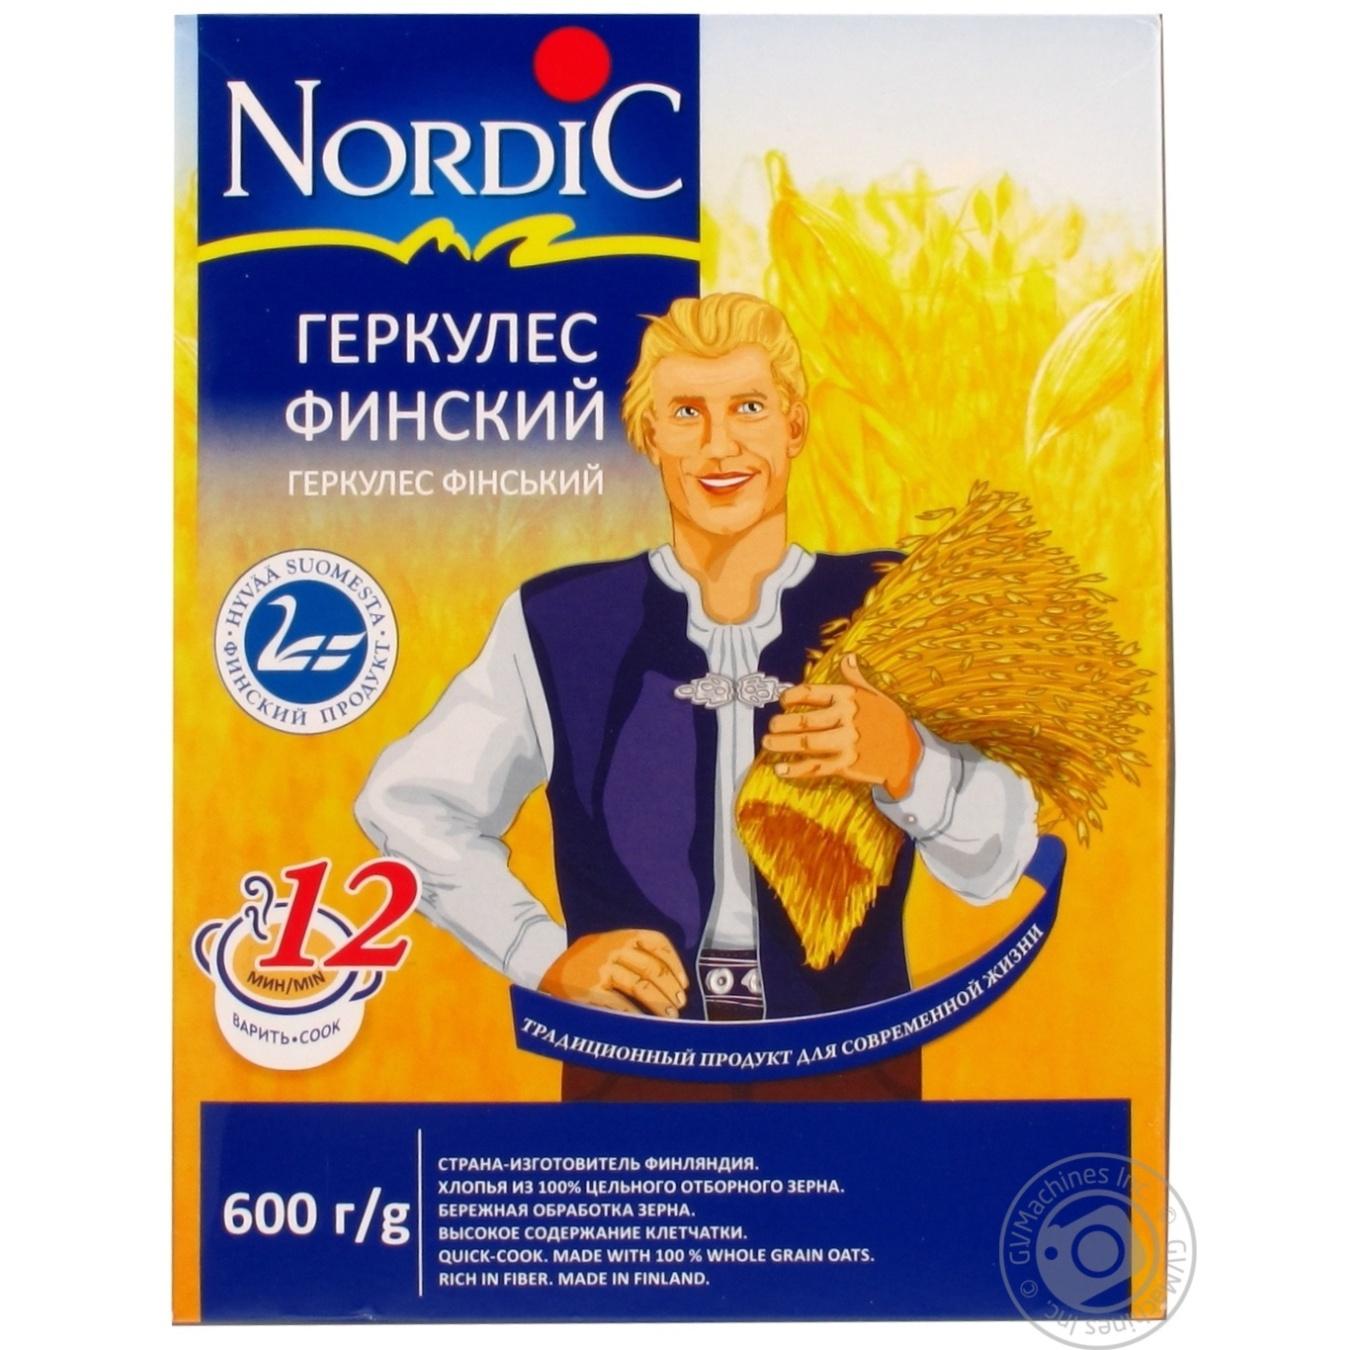 Купить Хлопья овсяные Nordic Геркулес финский 600г